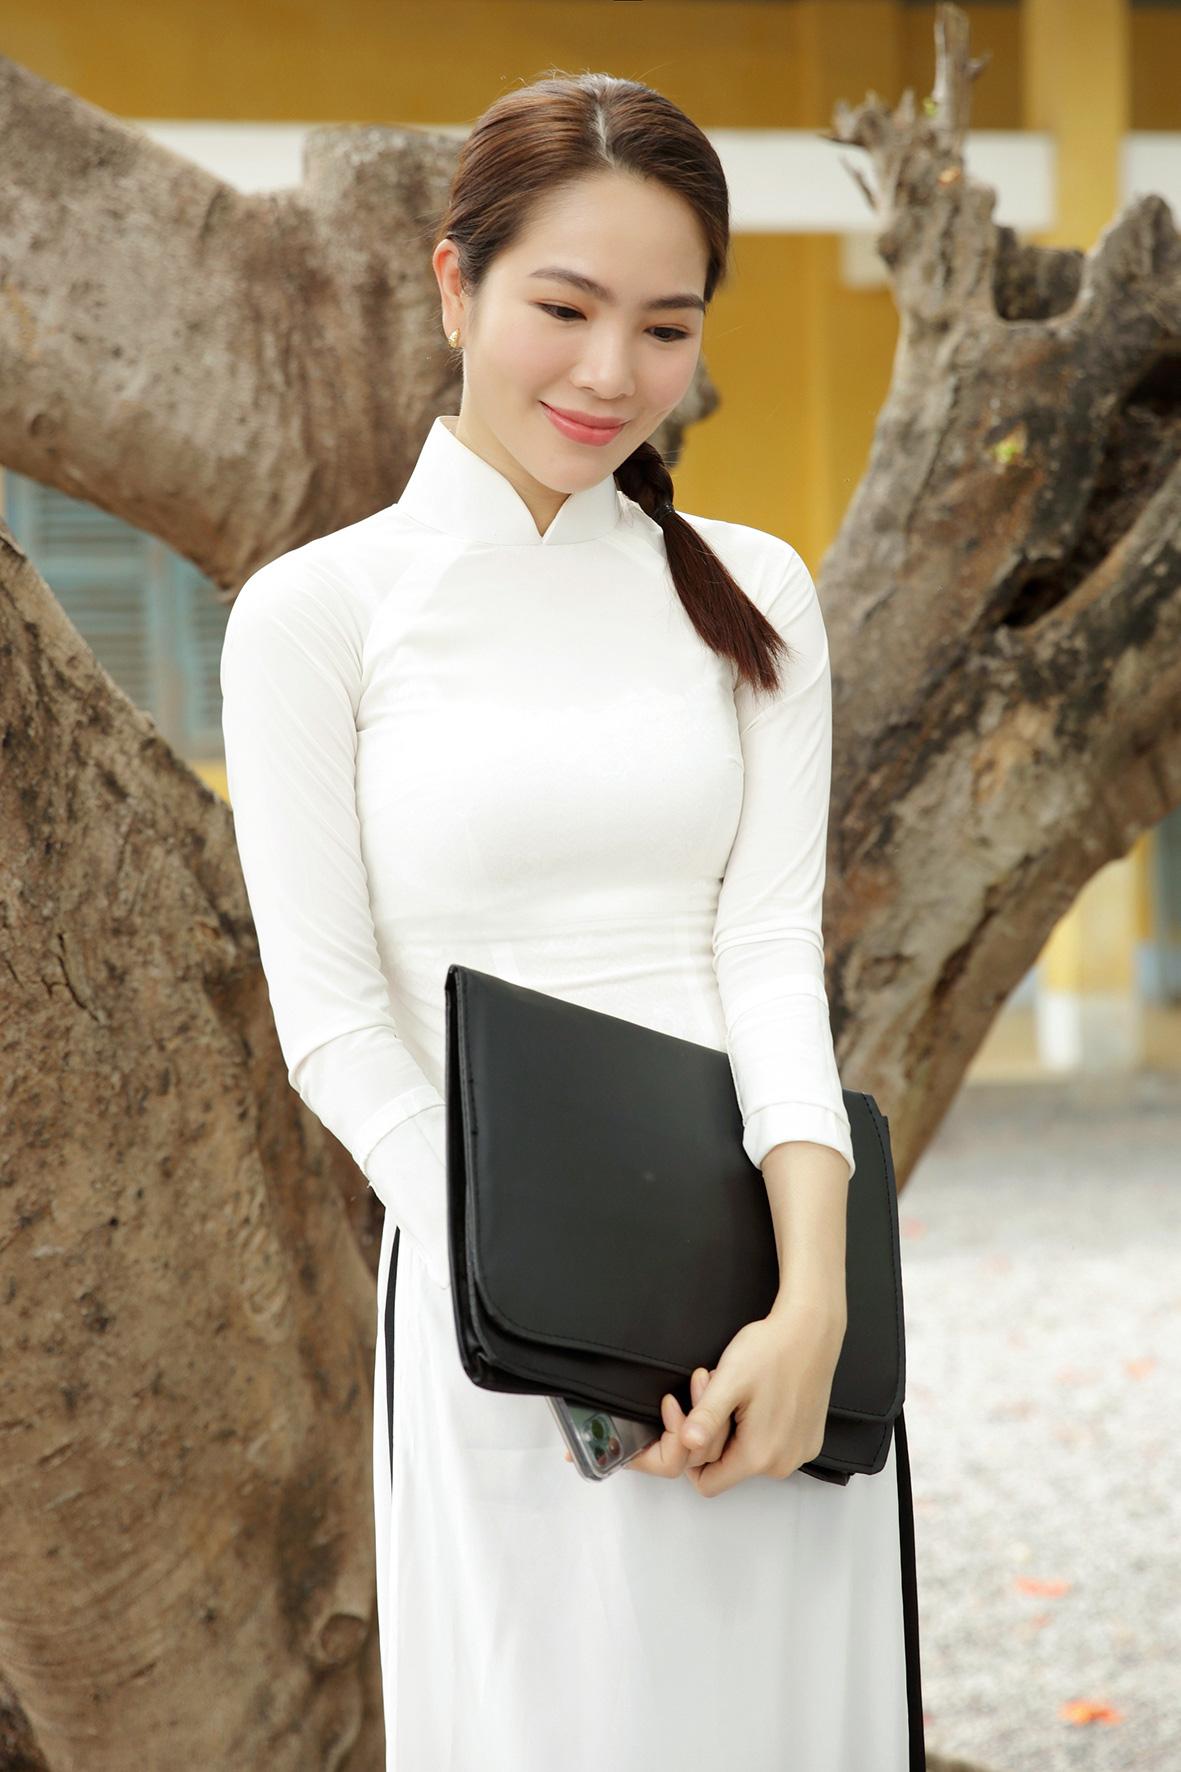 Dương Kim Ánh tung trailer phim ca nhạc kết hợp cùng Quốc Đại - Ảnh 2.